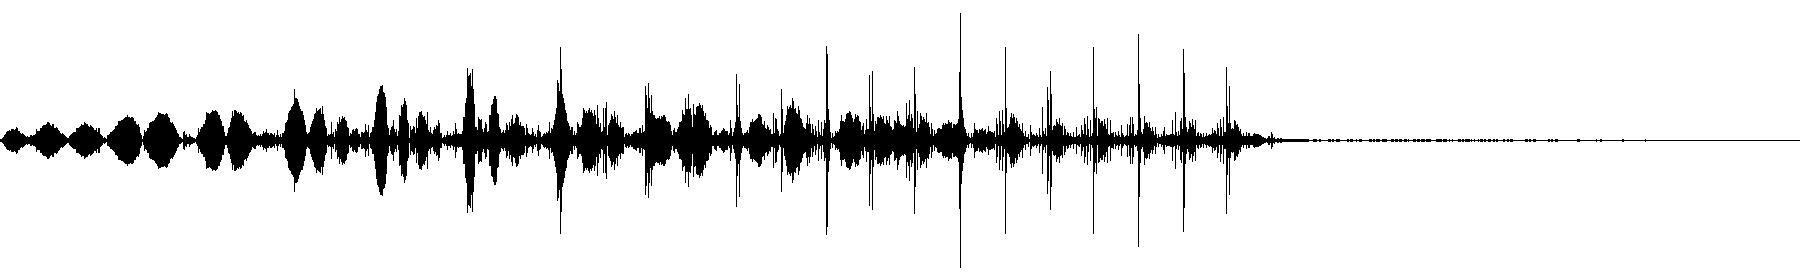 veh2 synths   128 c